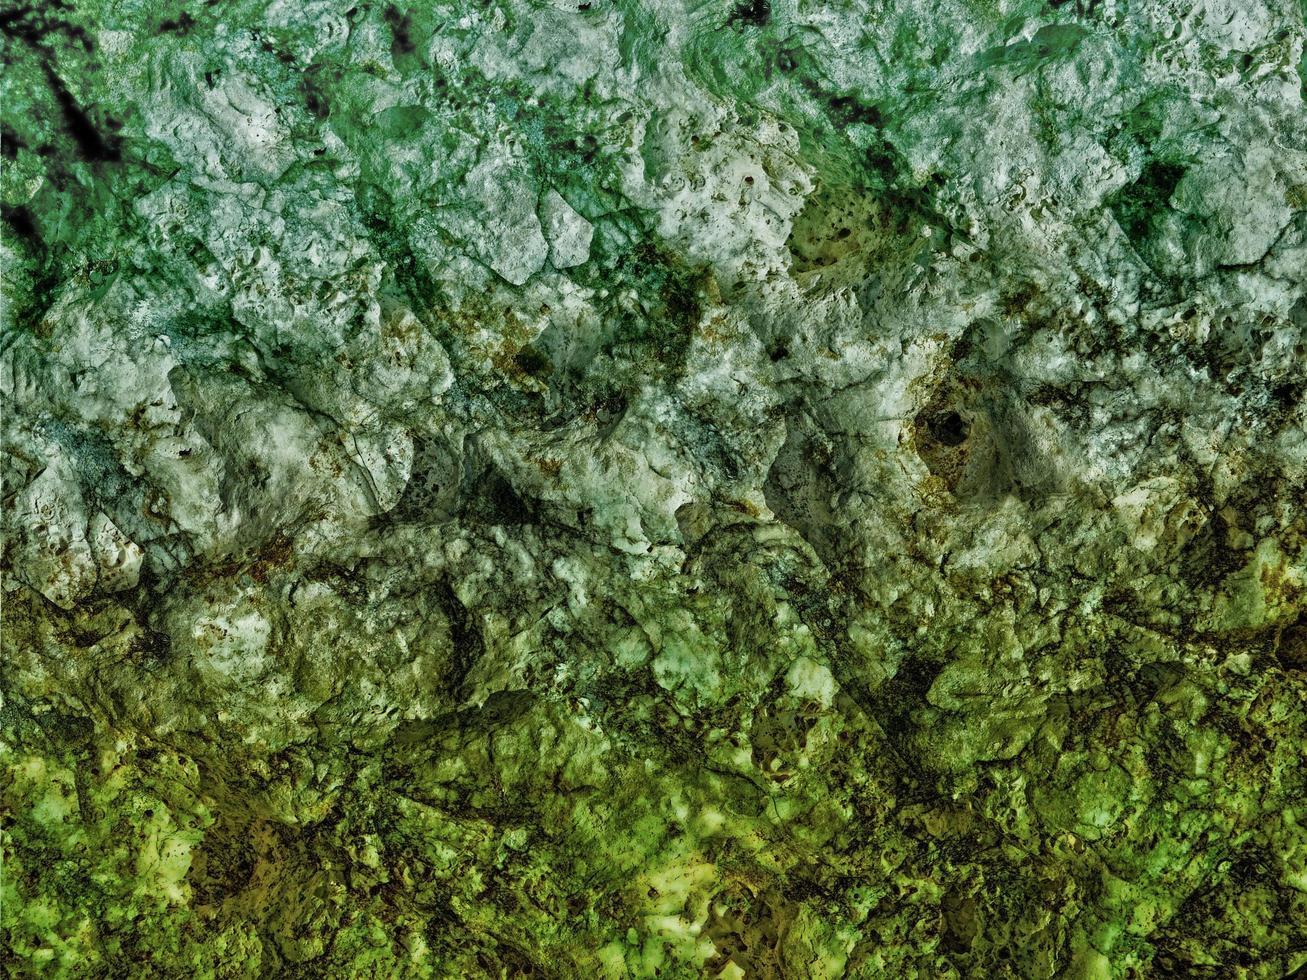 textura de piedra al aire libre en el jardín foto